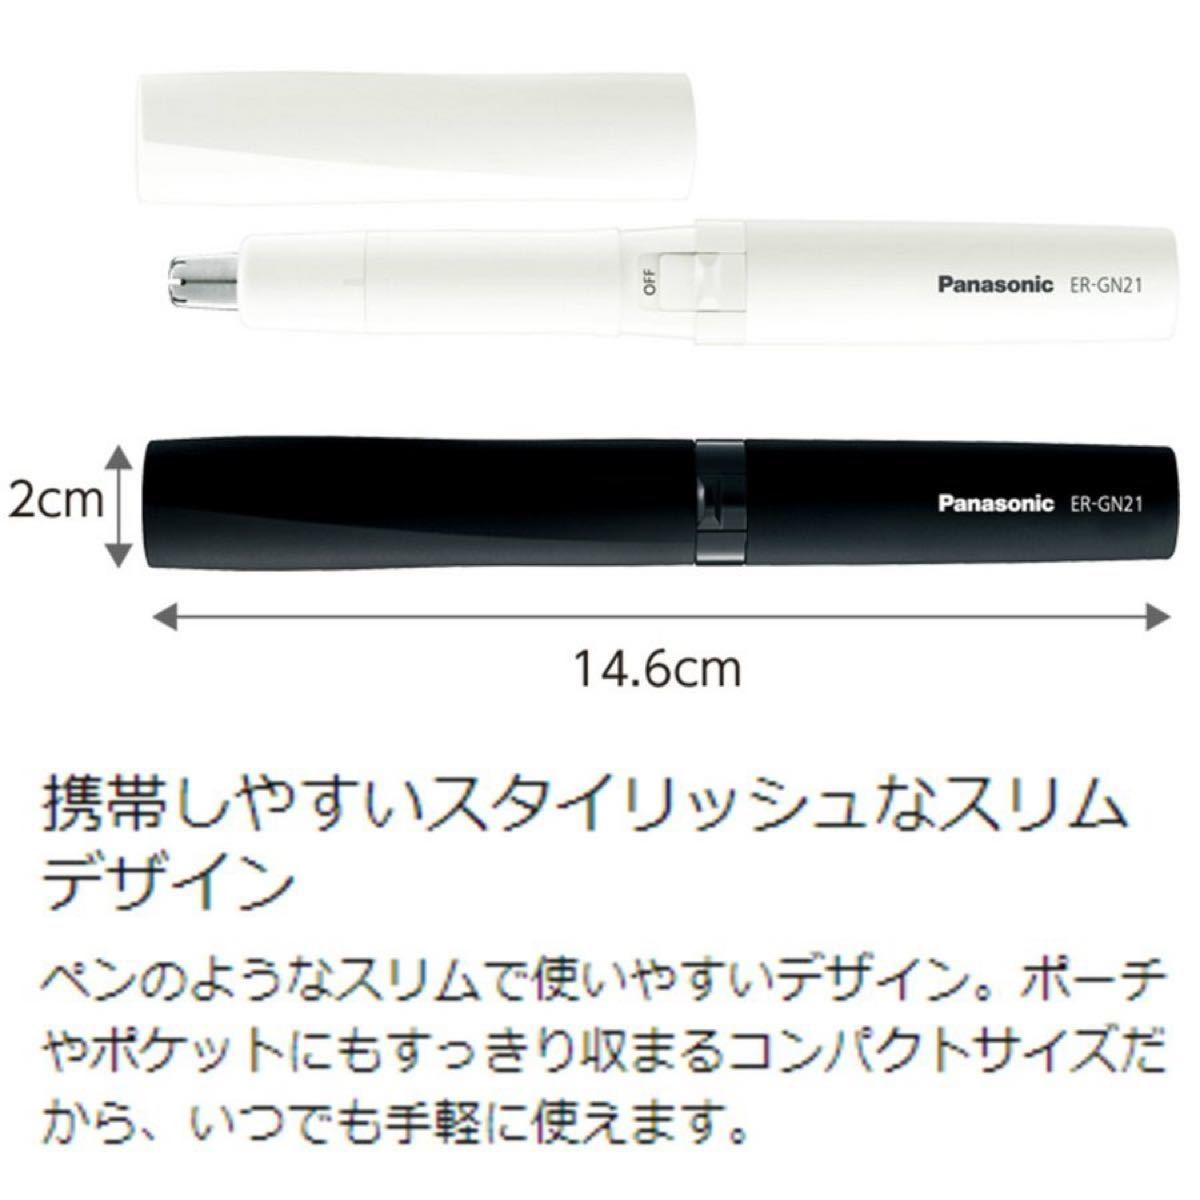 Panasonic エチケットカッター 鼻毛カッター グルーミング ホワイト